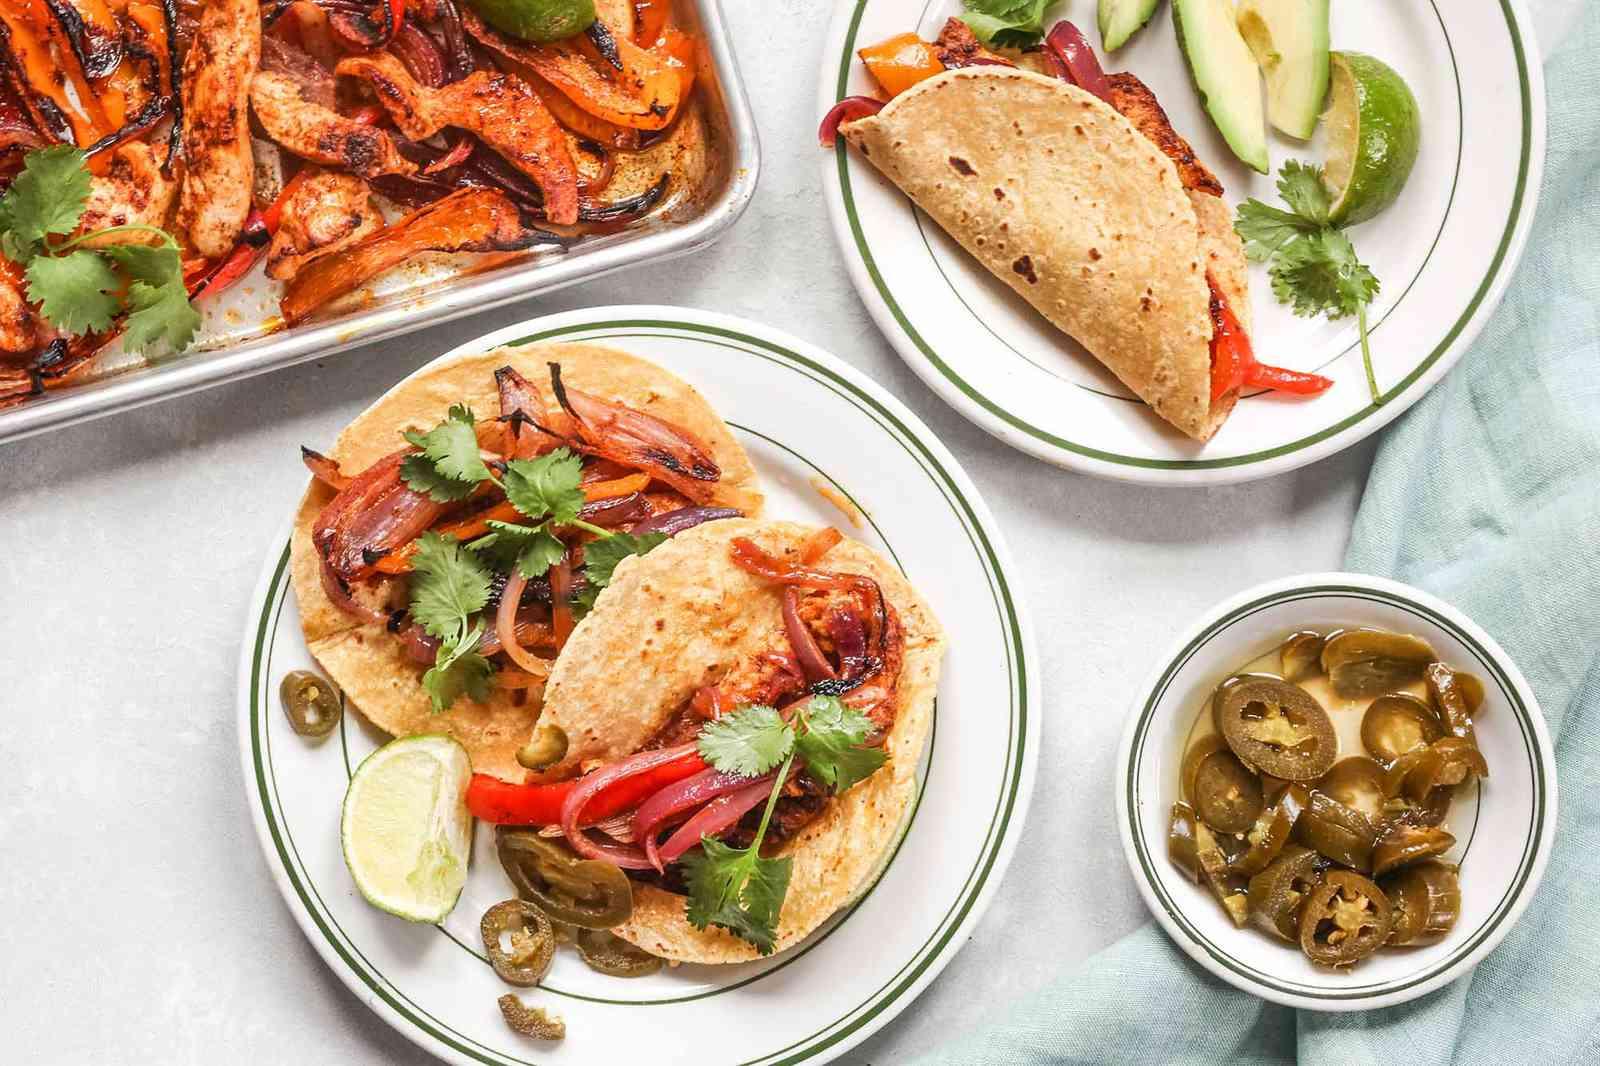 How to Make Chicken Fajitas on a Sheet Pan